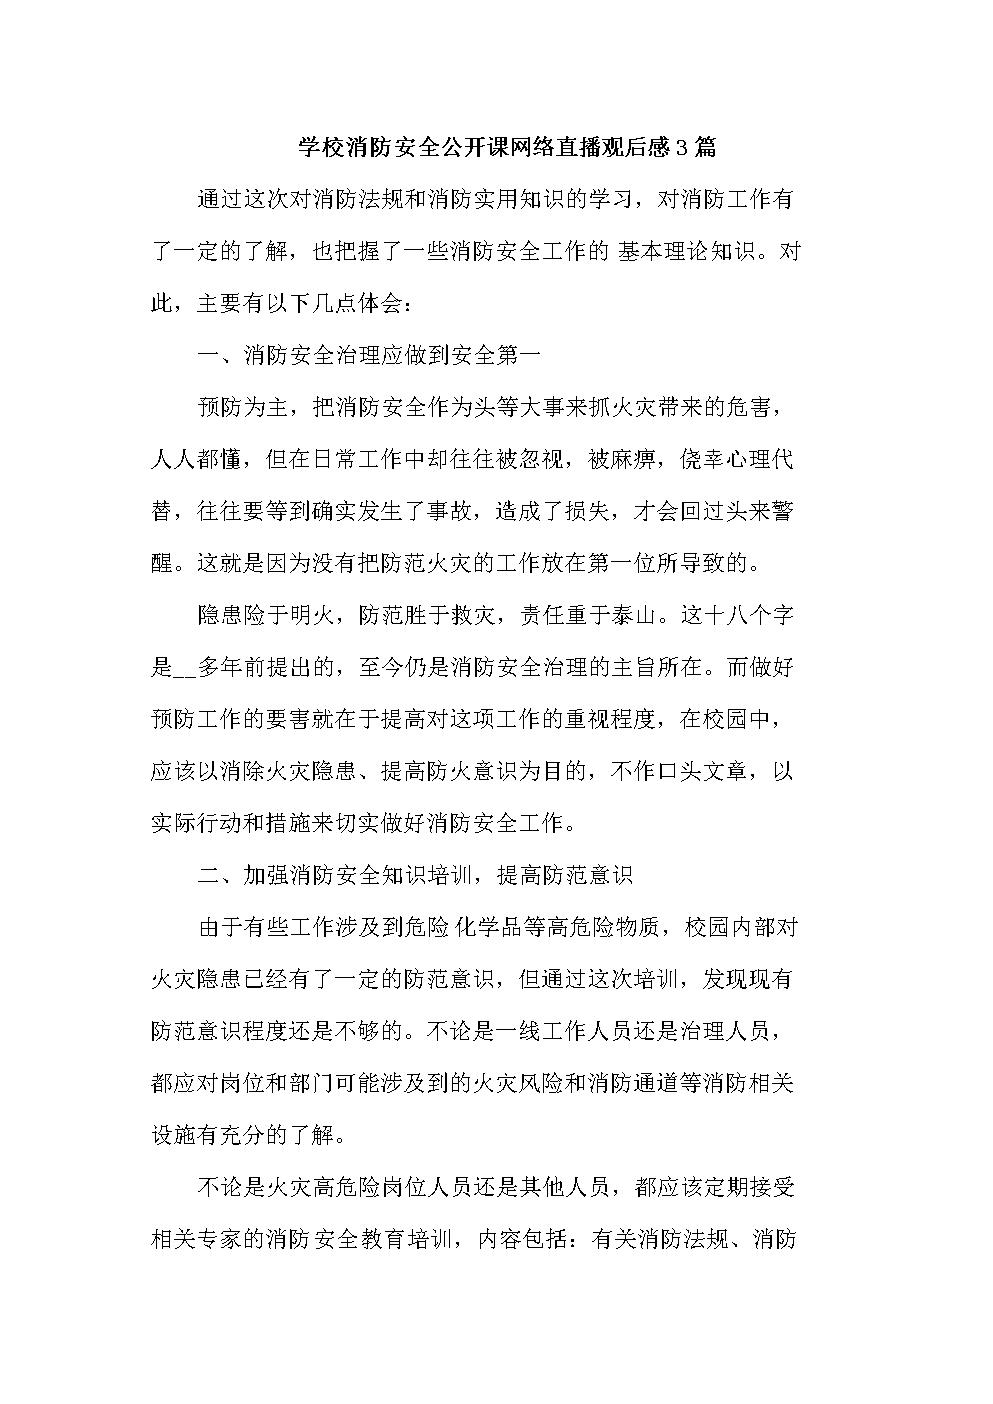 学校消防安全公开课网络直播观后感3篇.docx